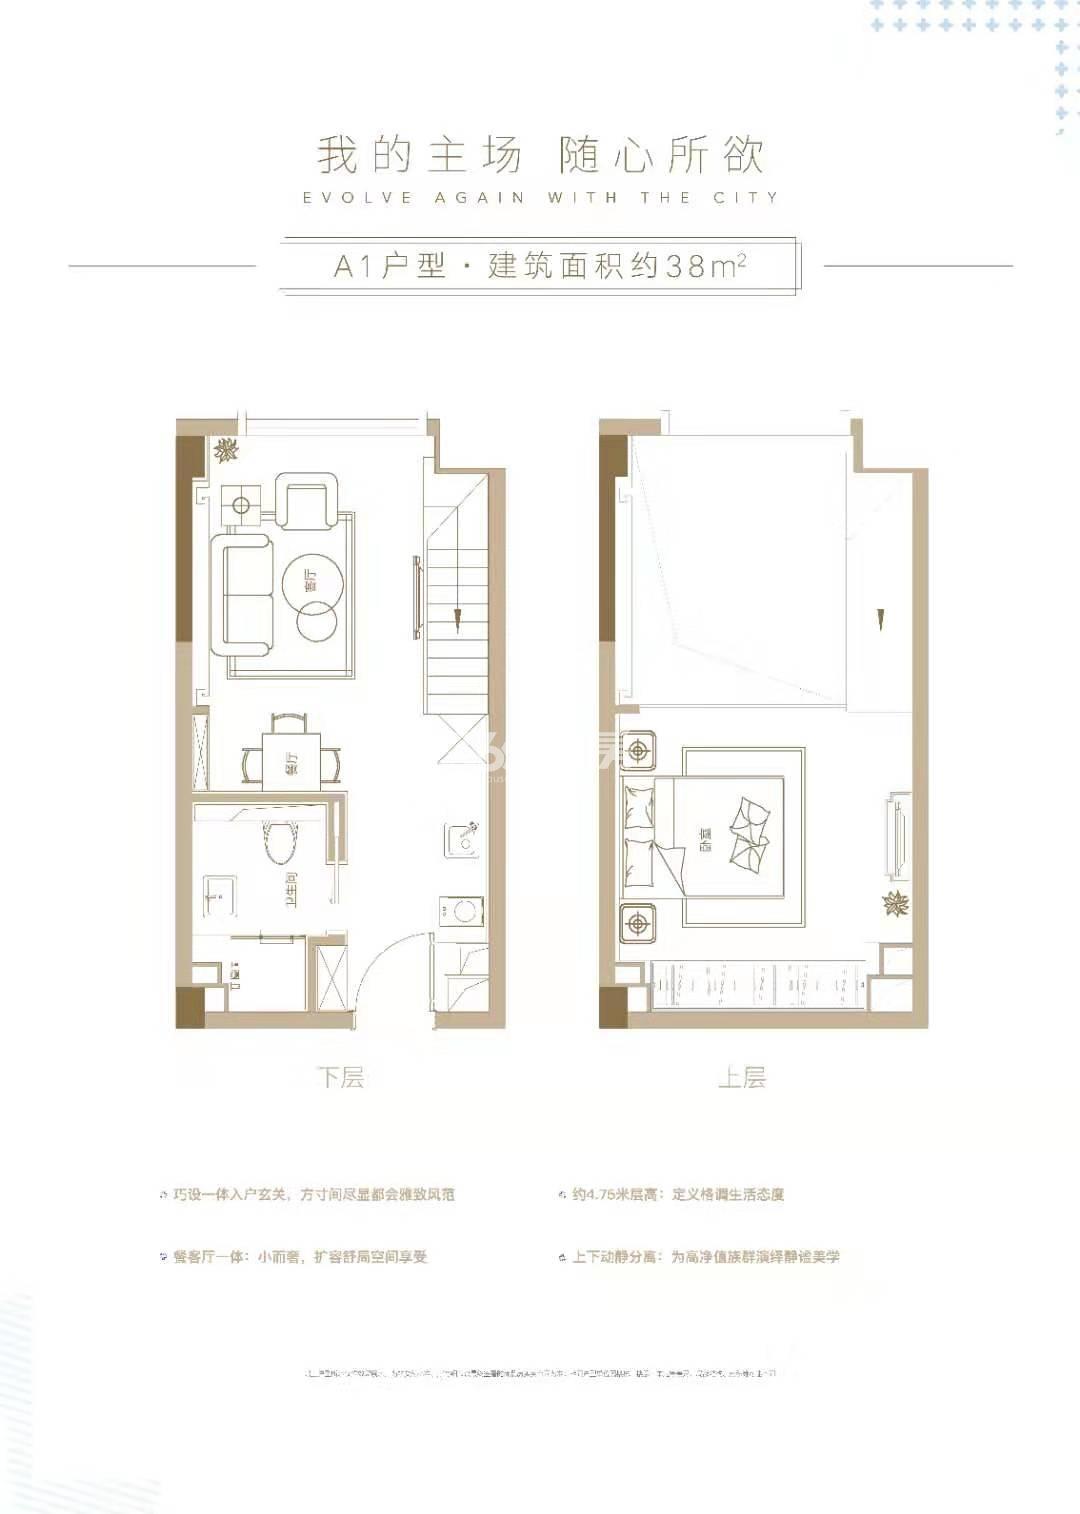 杭州世茂泰禾中央广场户型图